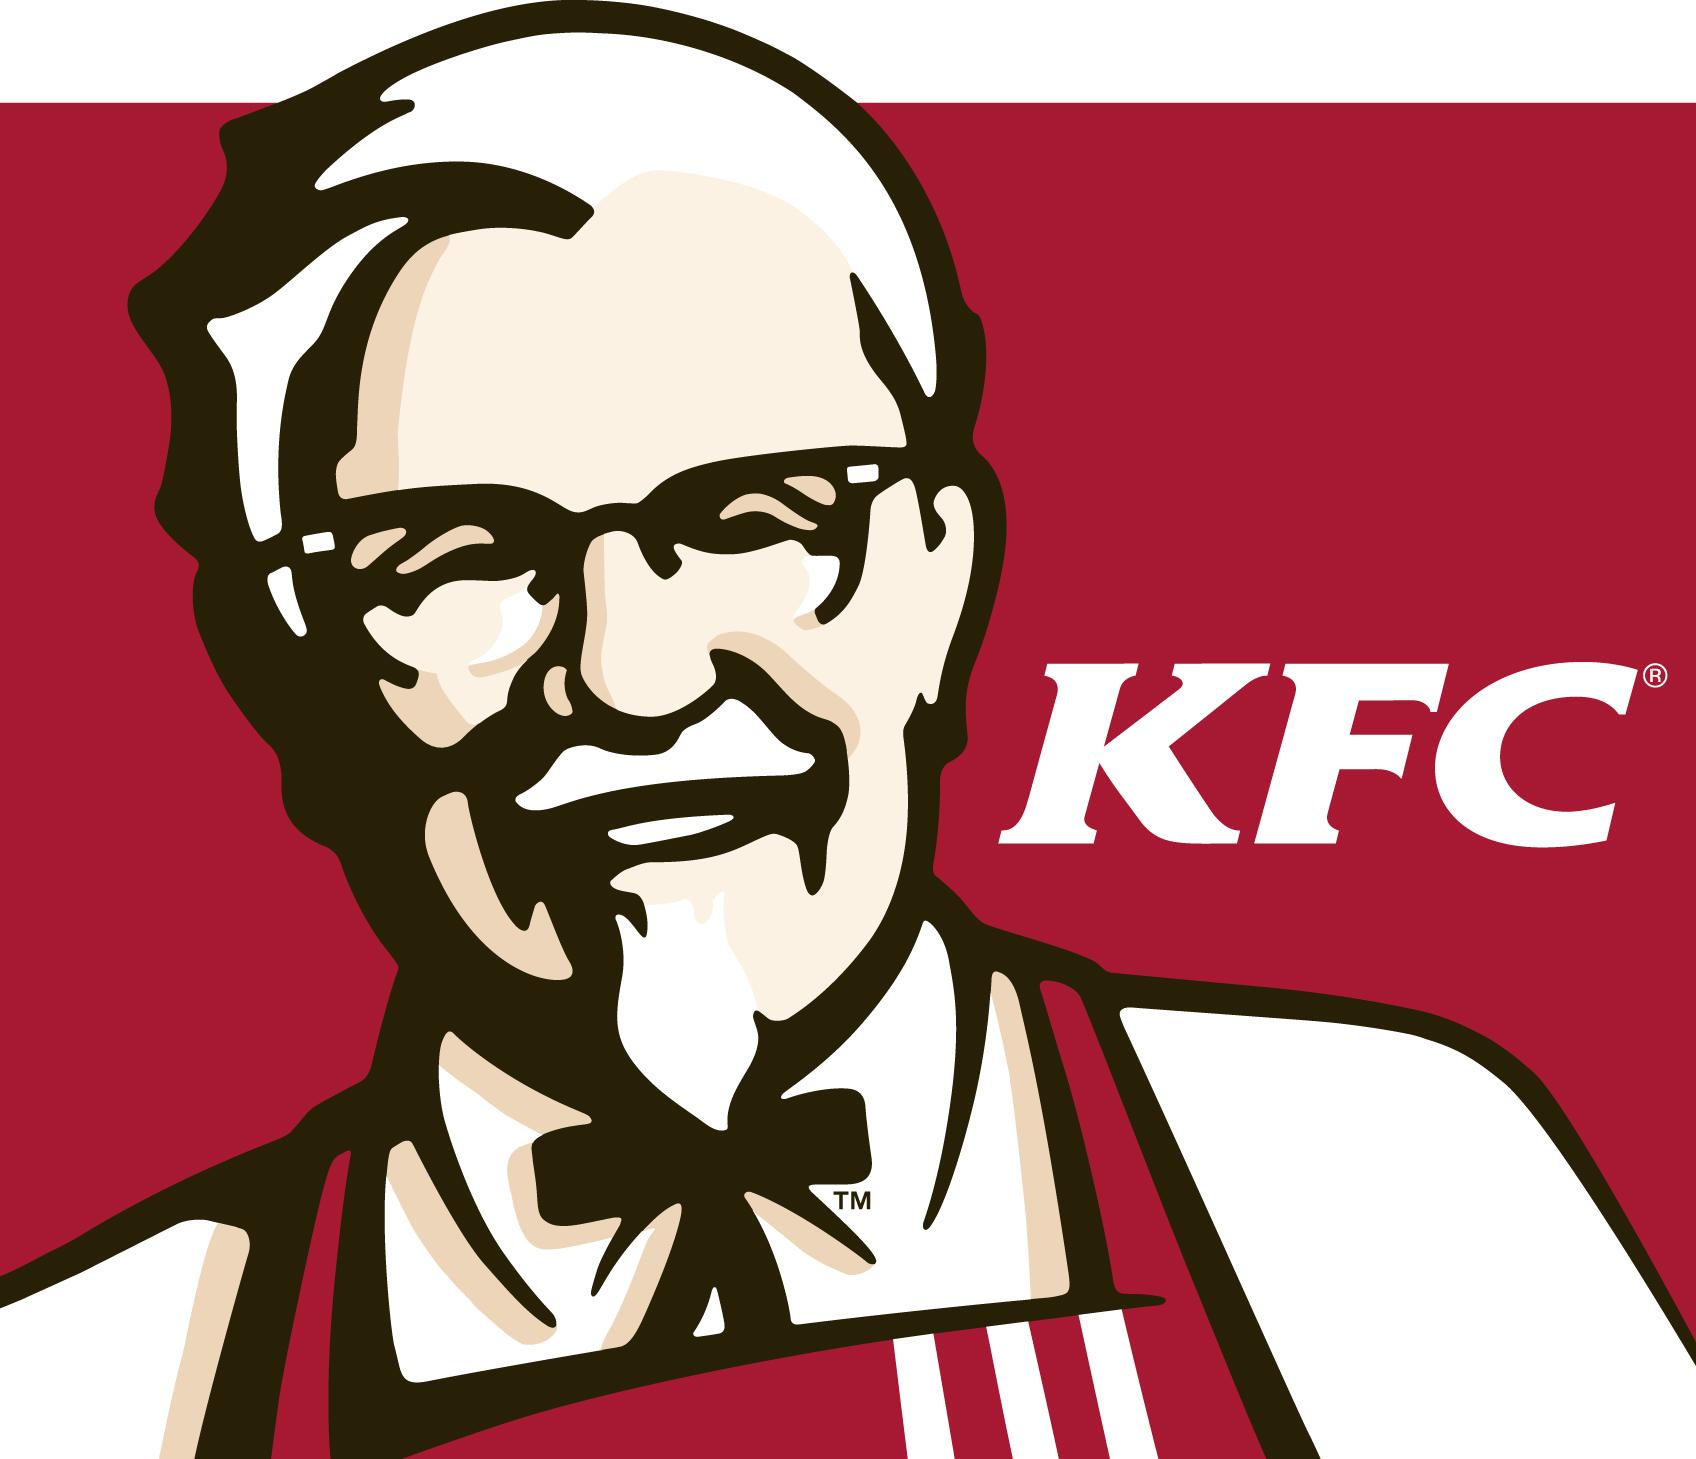 KFC UK Menu